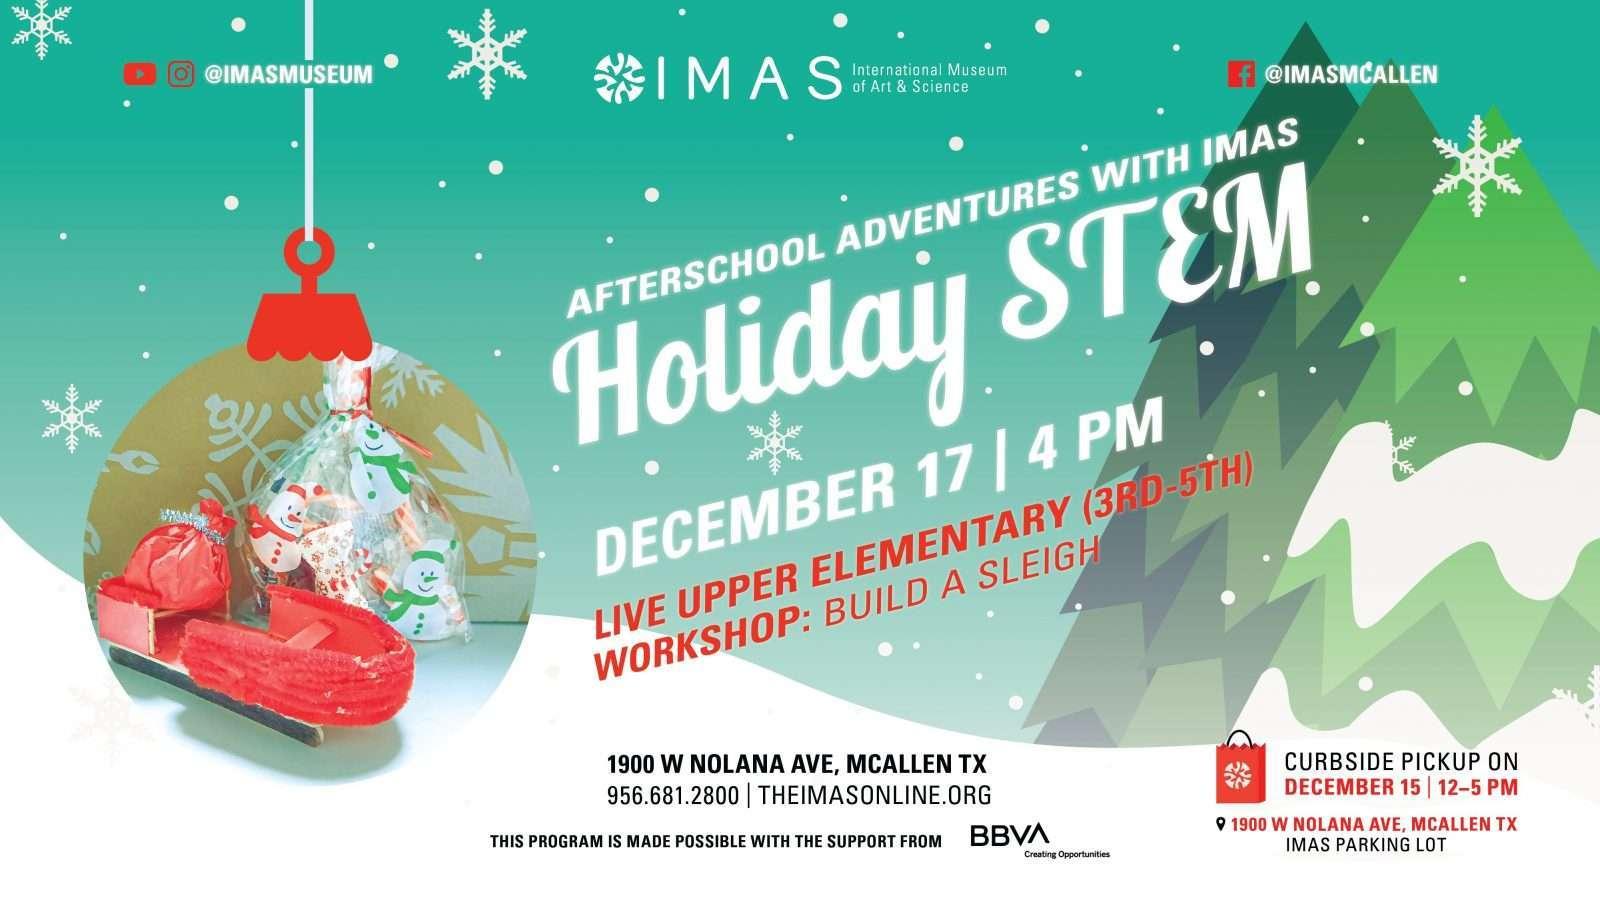 Holiday STEM workshop 3-5th grade